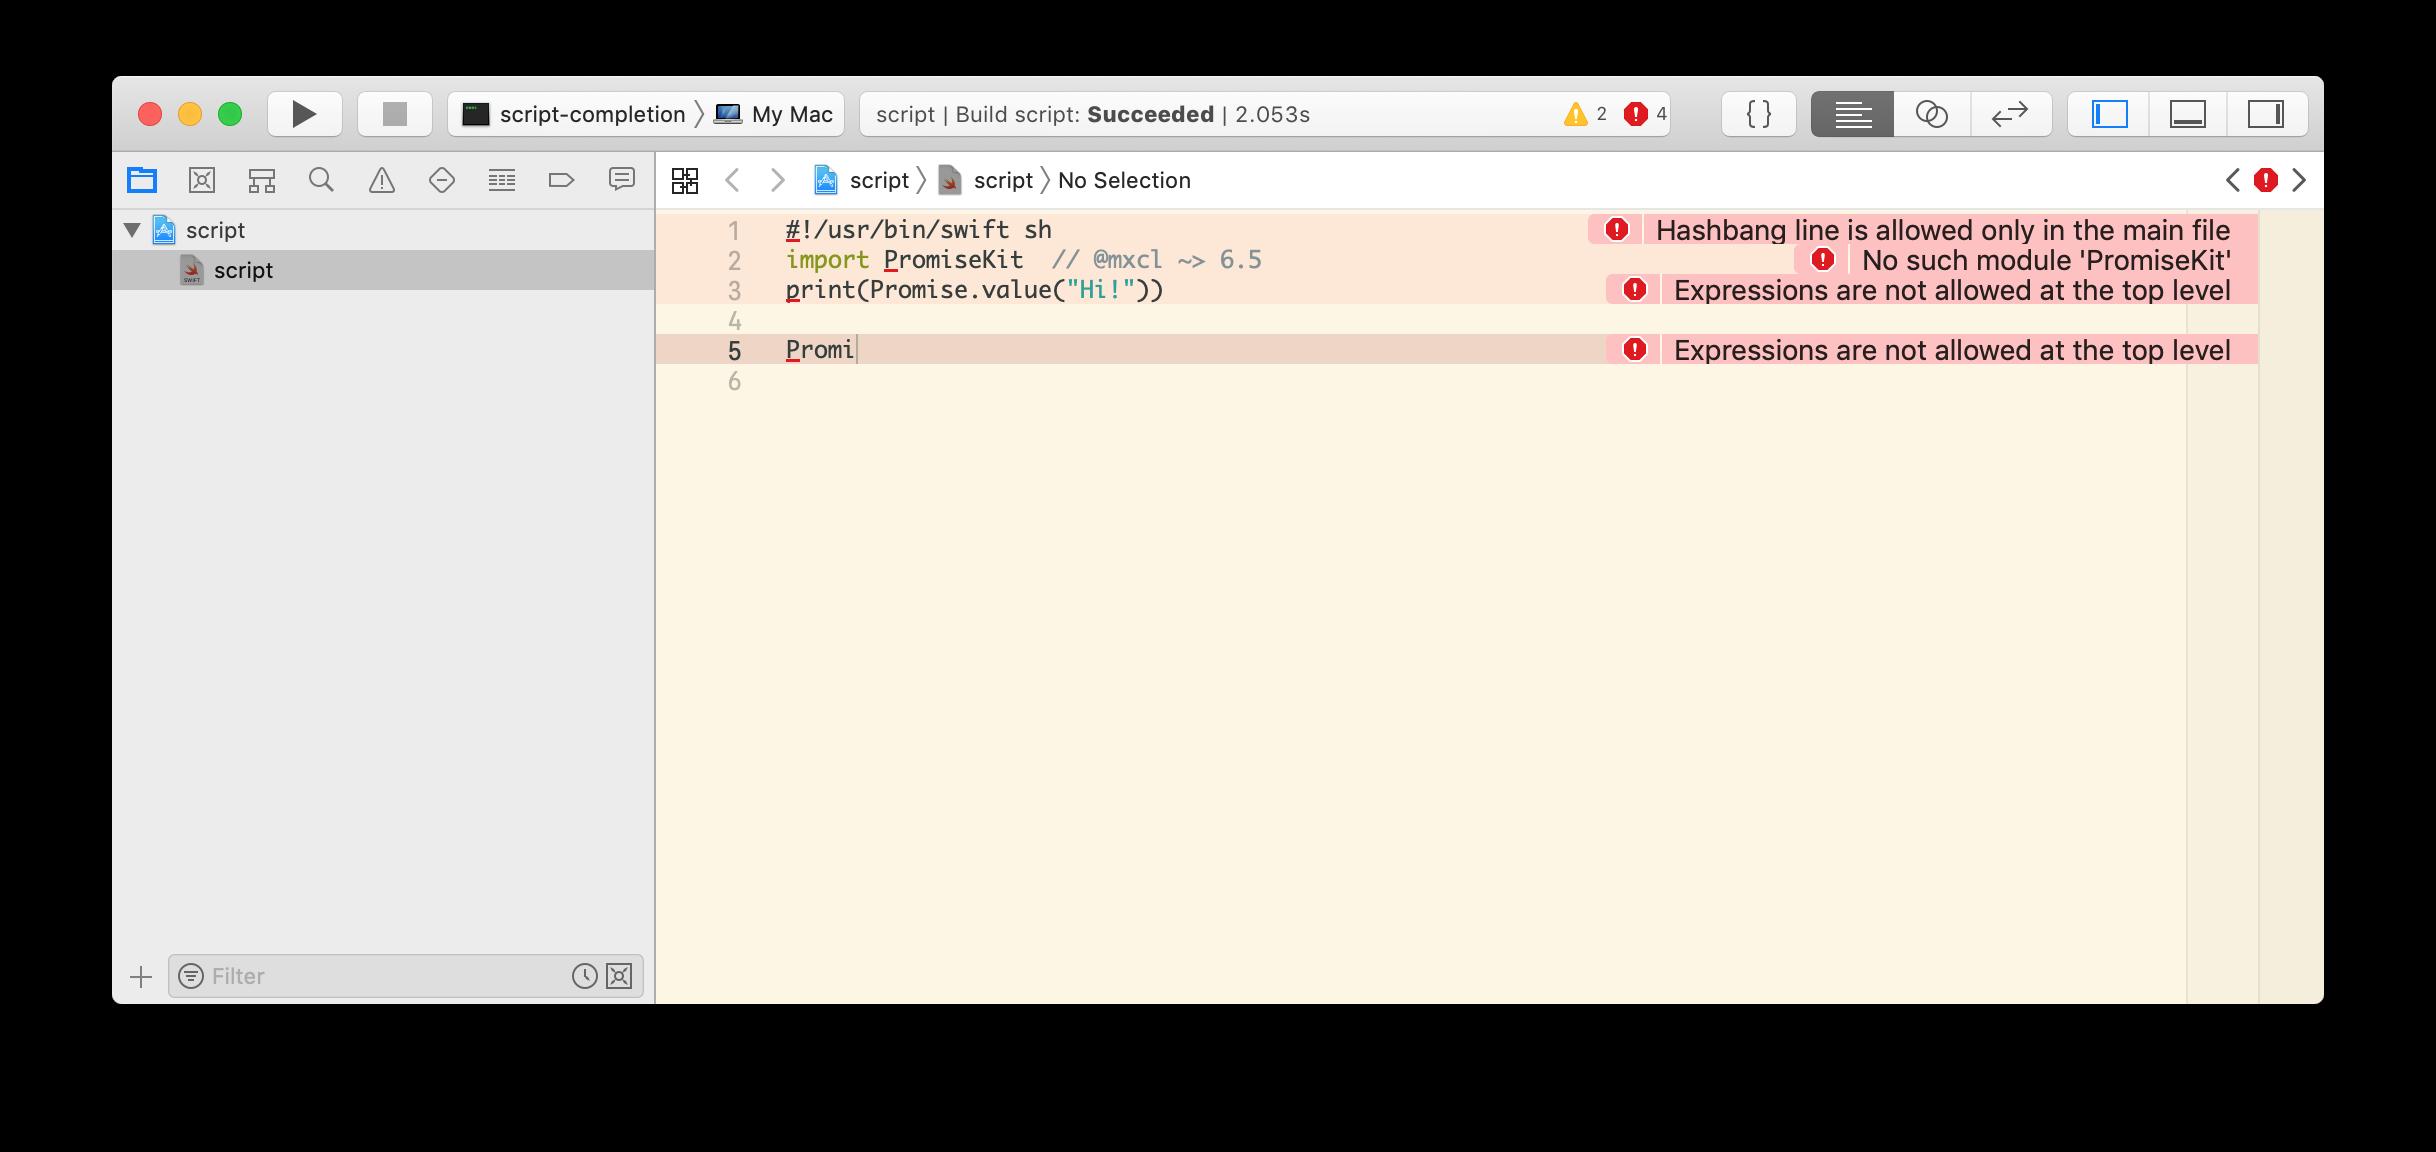 xcode-scheme-script-completion